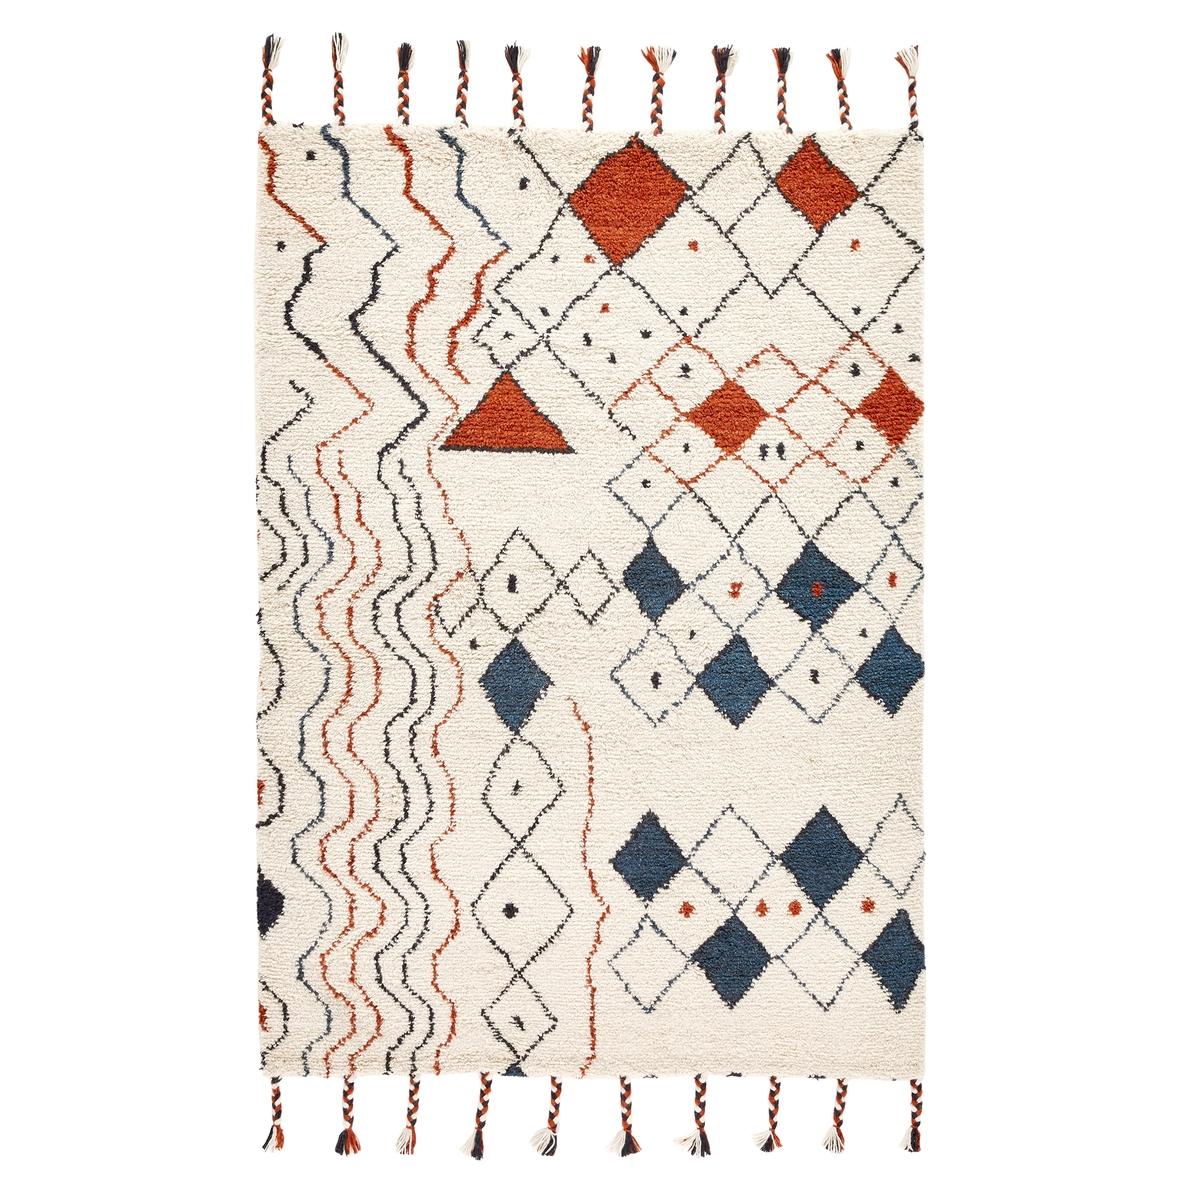 Ковер La Redoute В берберском стиле Melvida 200 x 290 см разноцветный